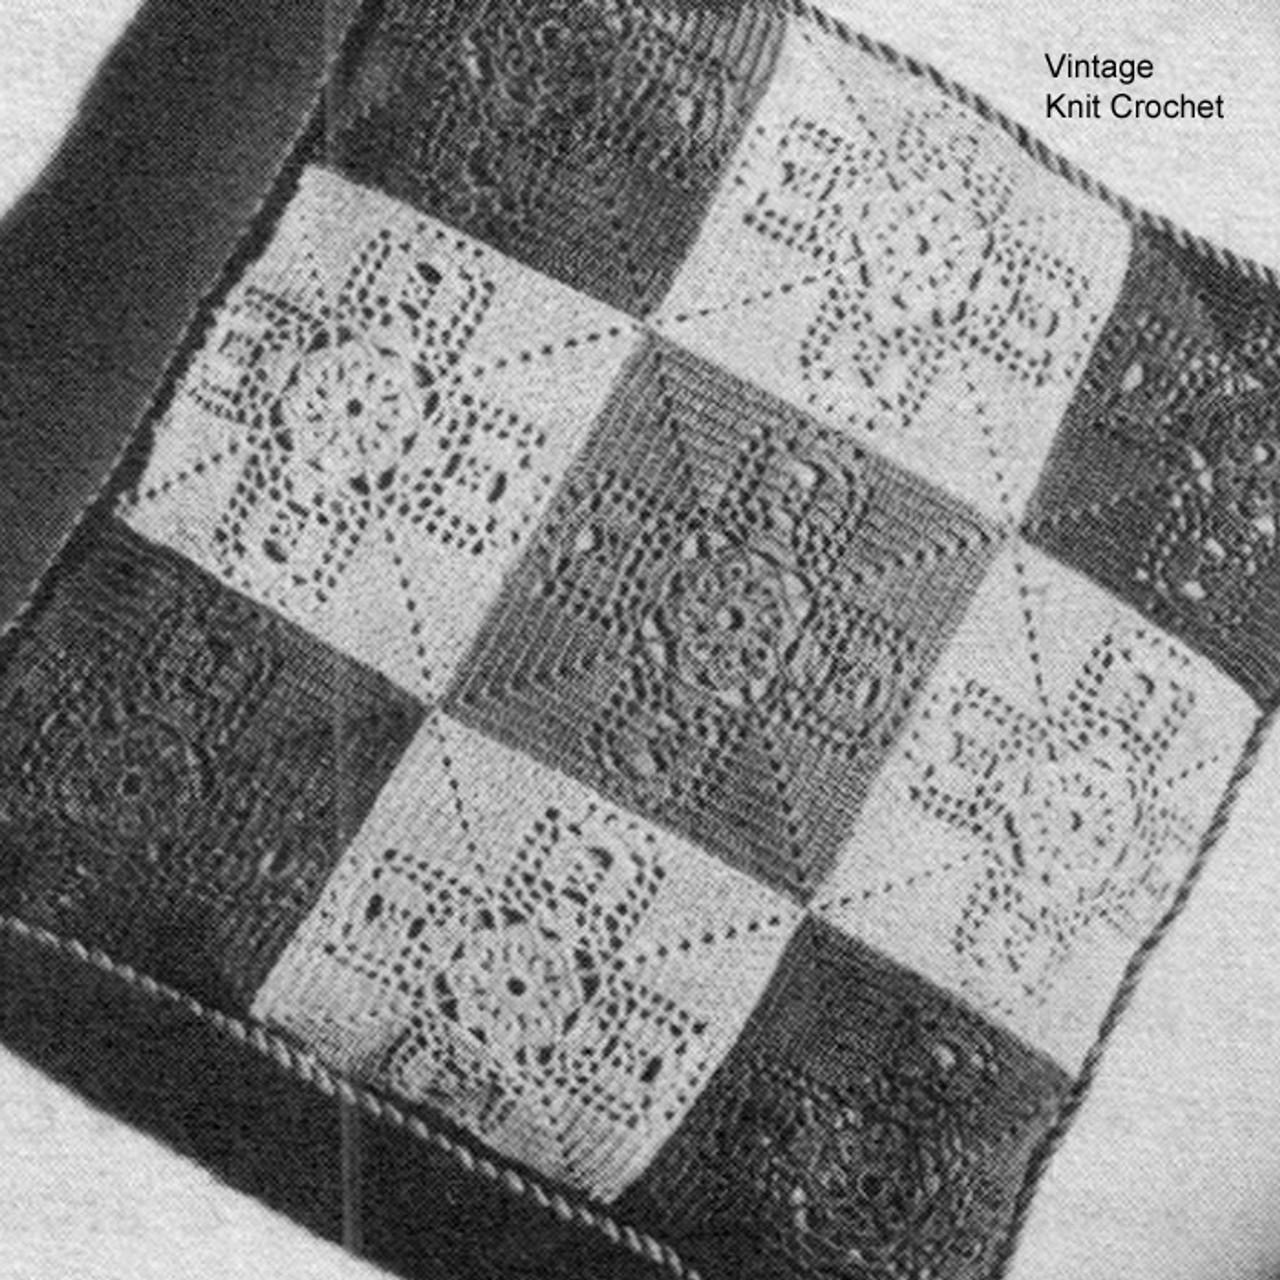 Vintage Crochet Pillow Pattern in flower blocks